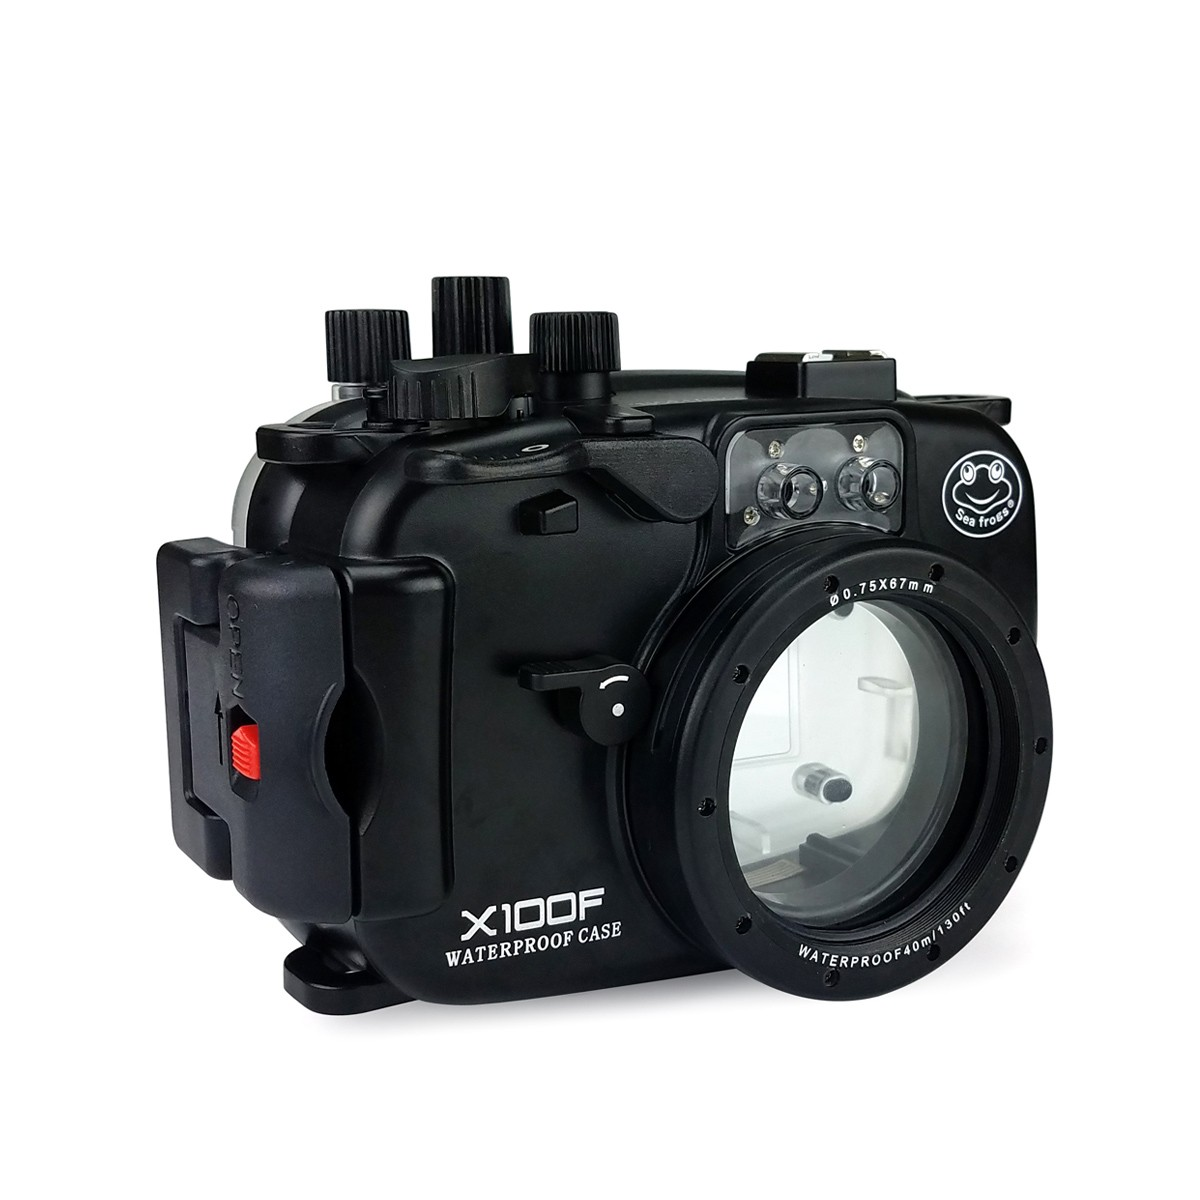 Boîtier de boîtier de caméra sous-marine 40 m/130ft pour appareil photo Fujifilm X100F caisson étanche de plongée pour Fuji X100F